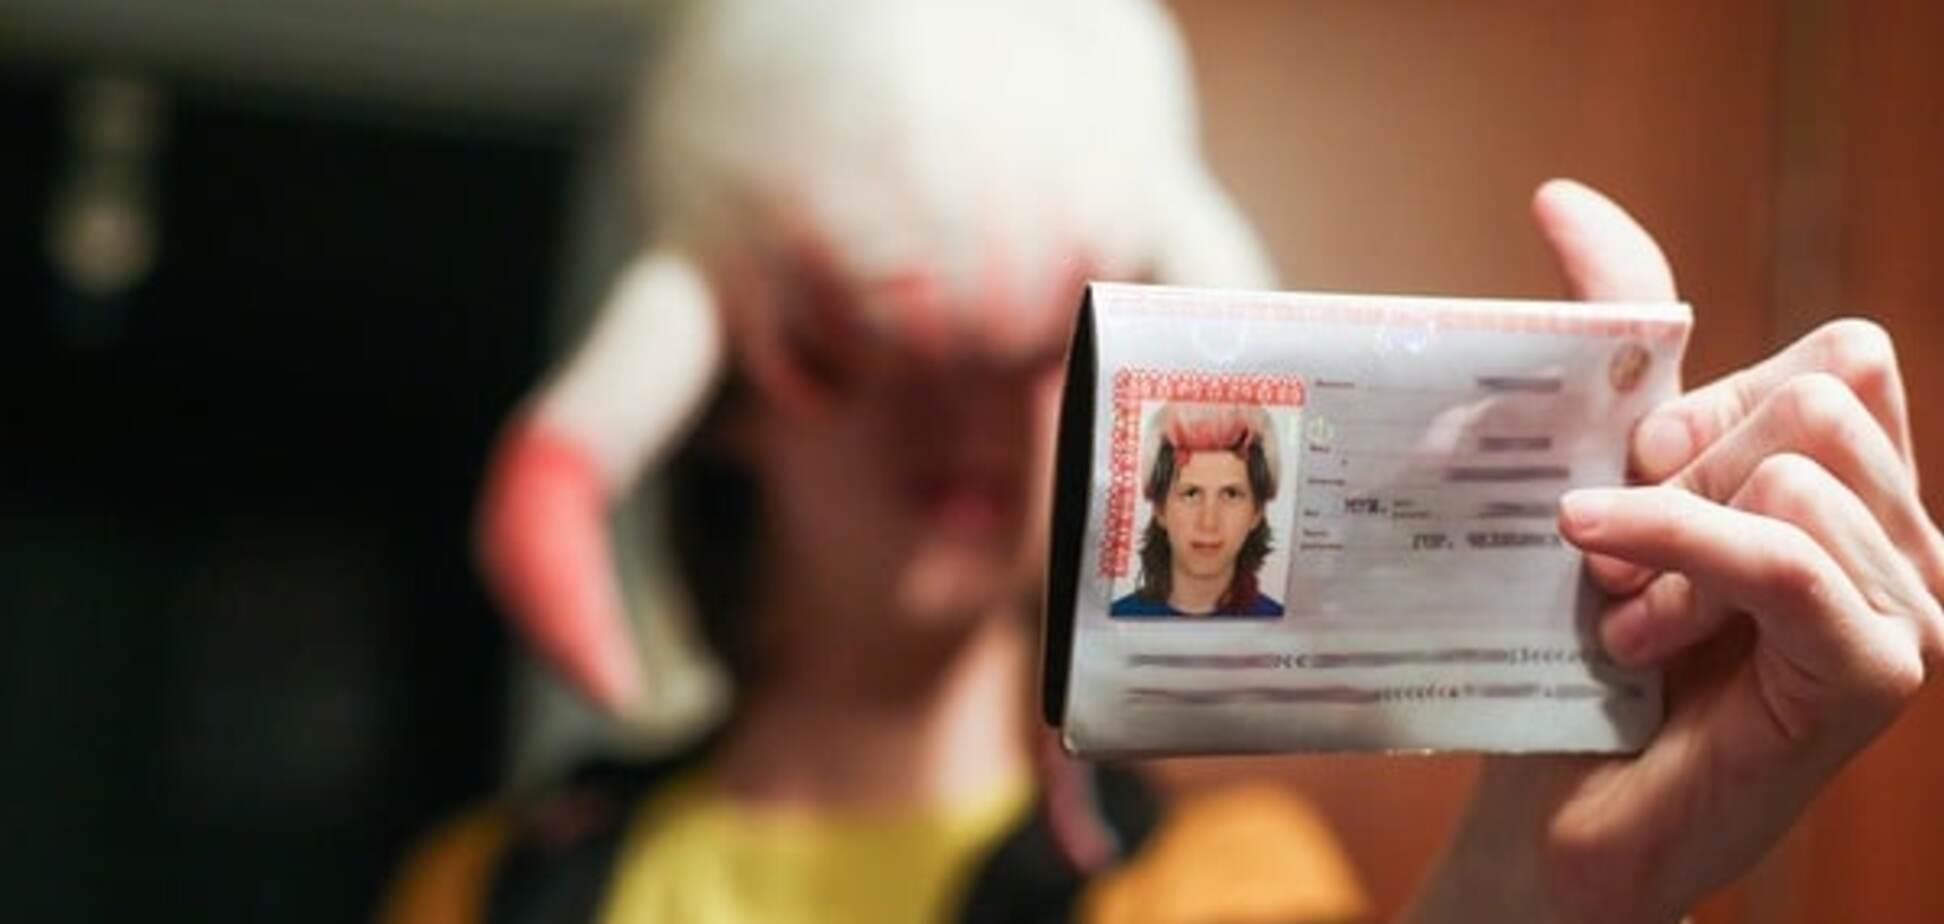 Россиянин сфотографировался на паспорт с хедкрабом на голове: опубликованы фото